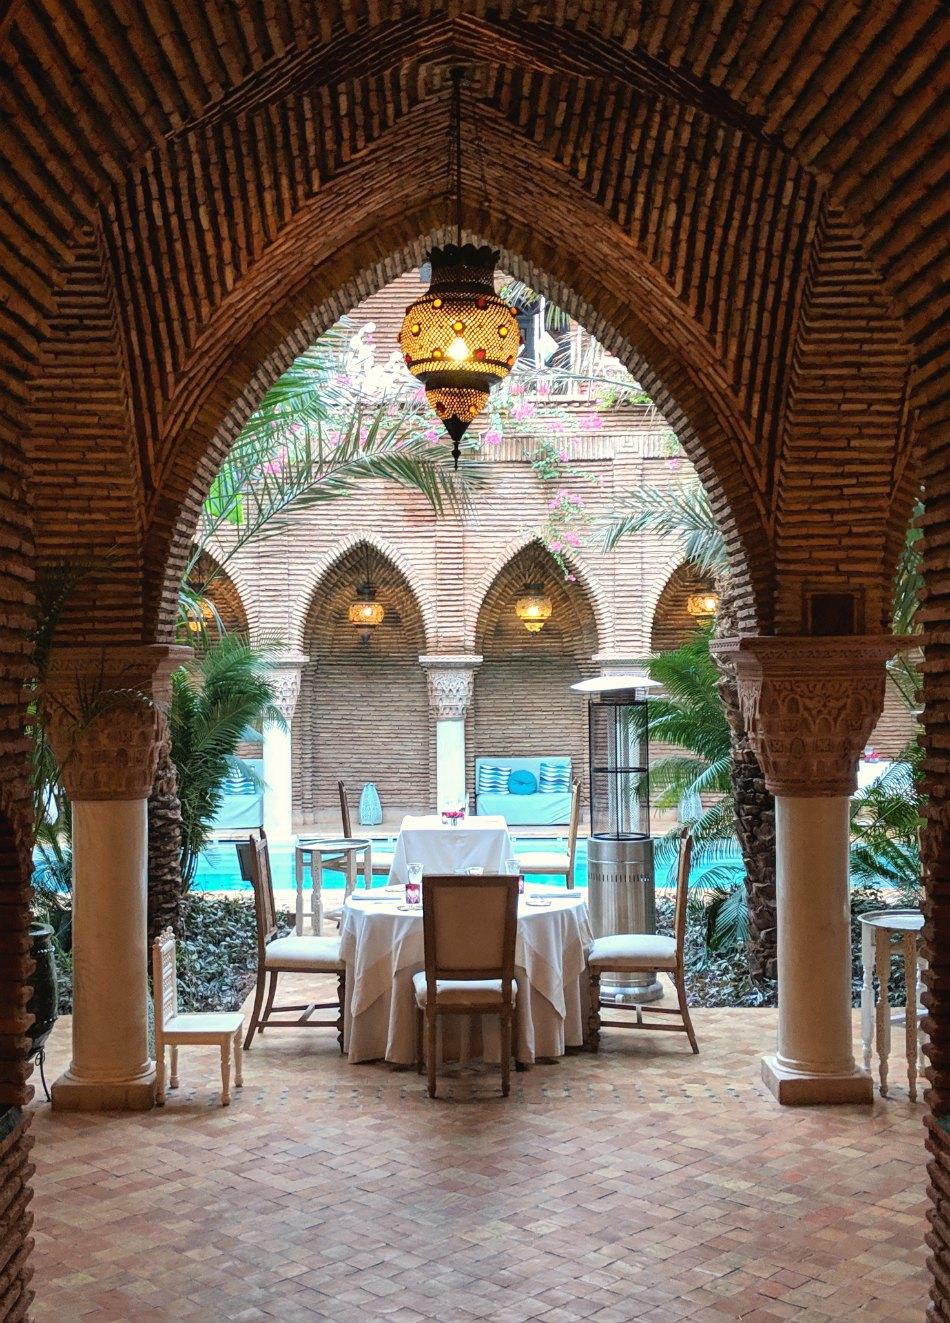 La Sultana Marrakech Luxury Hotel